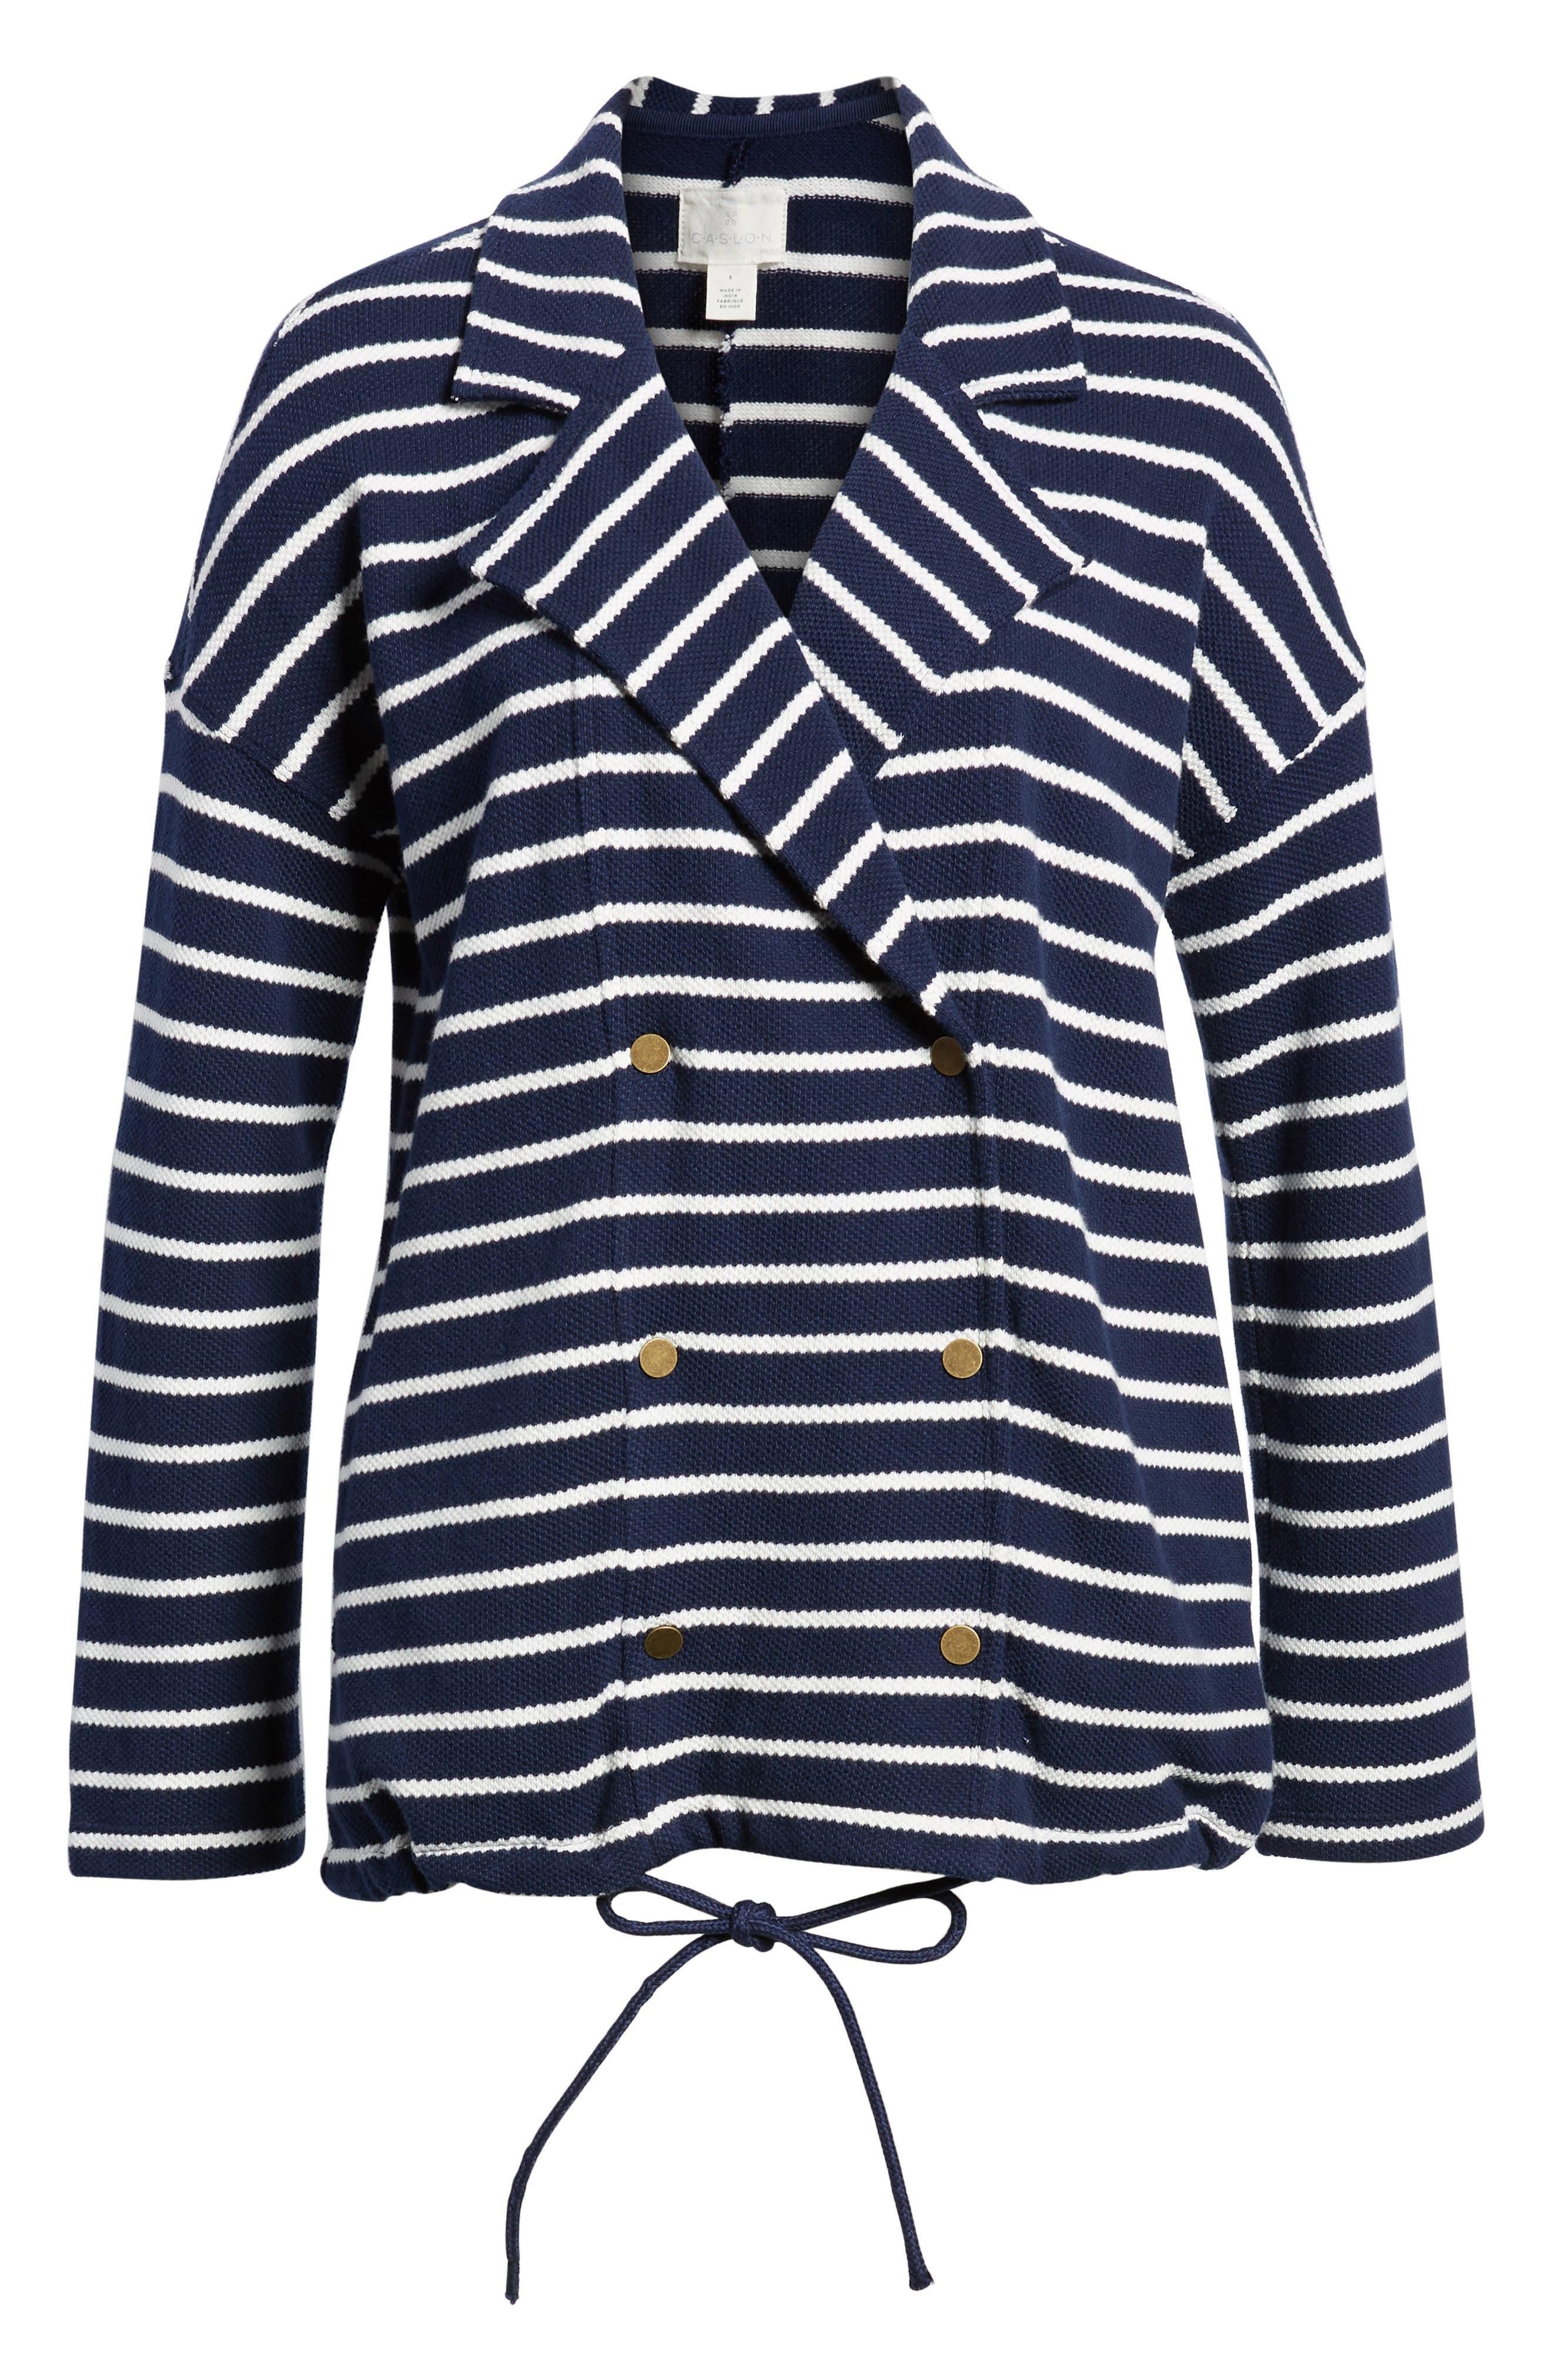 Stripe Knit Drawsting Jacket,                             Alternate thumbnail 5, color,                             410